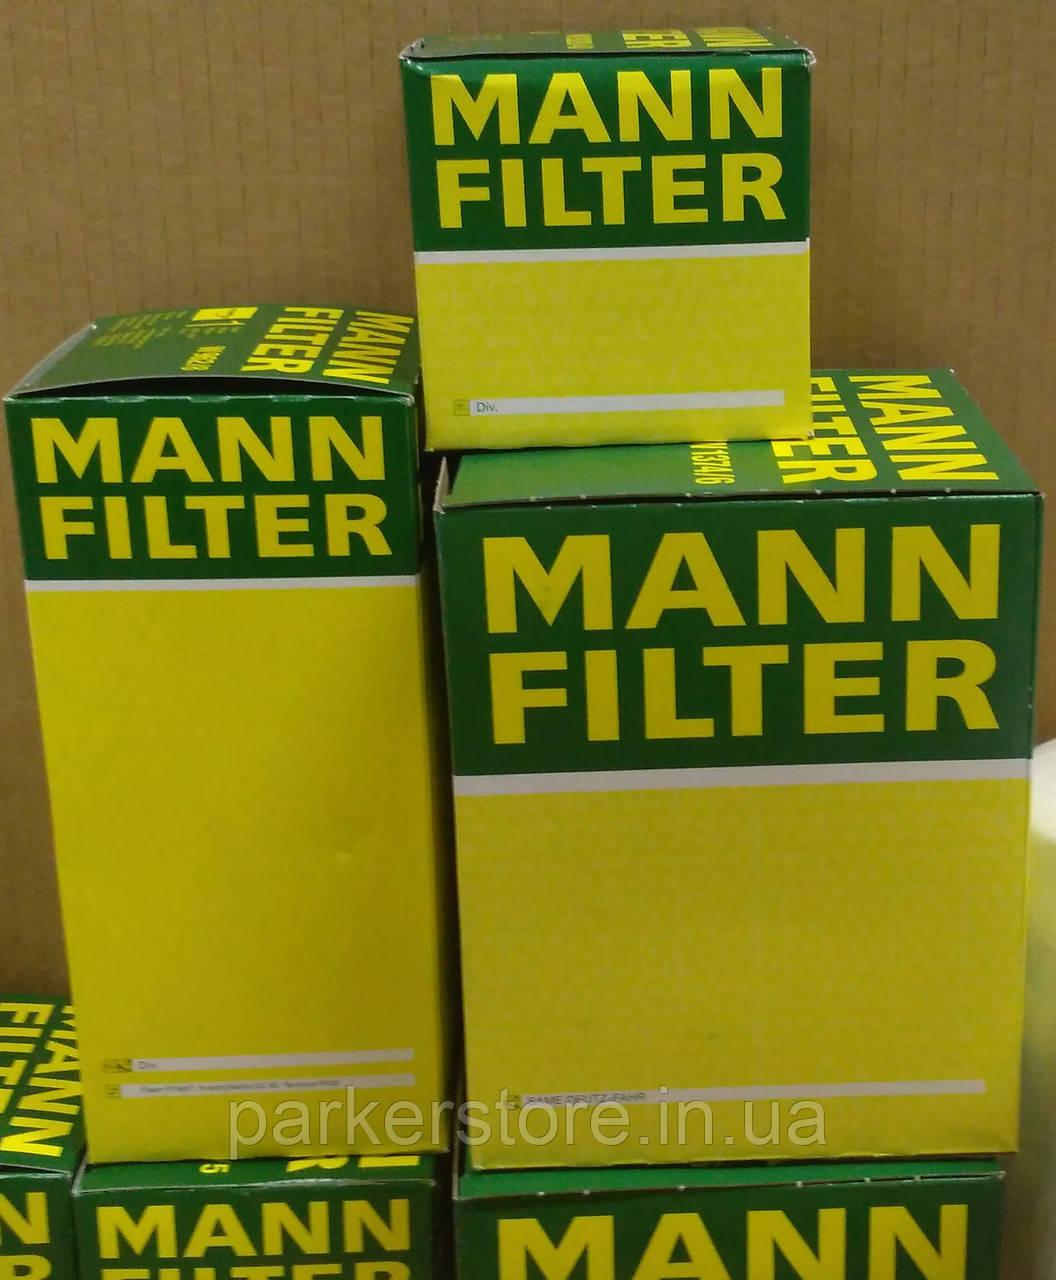 MANN FILTER / Воздушный фильтр / C 31 190 / C31190